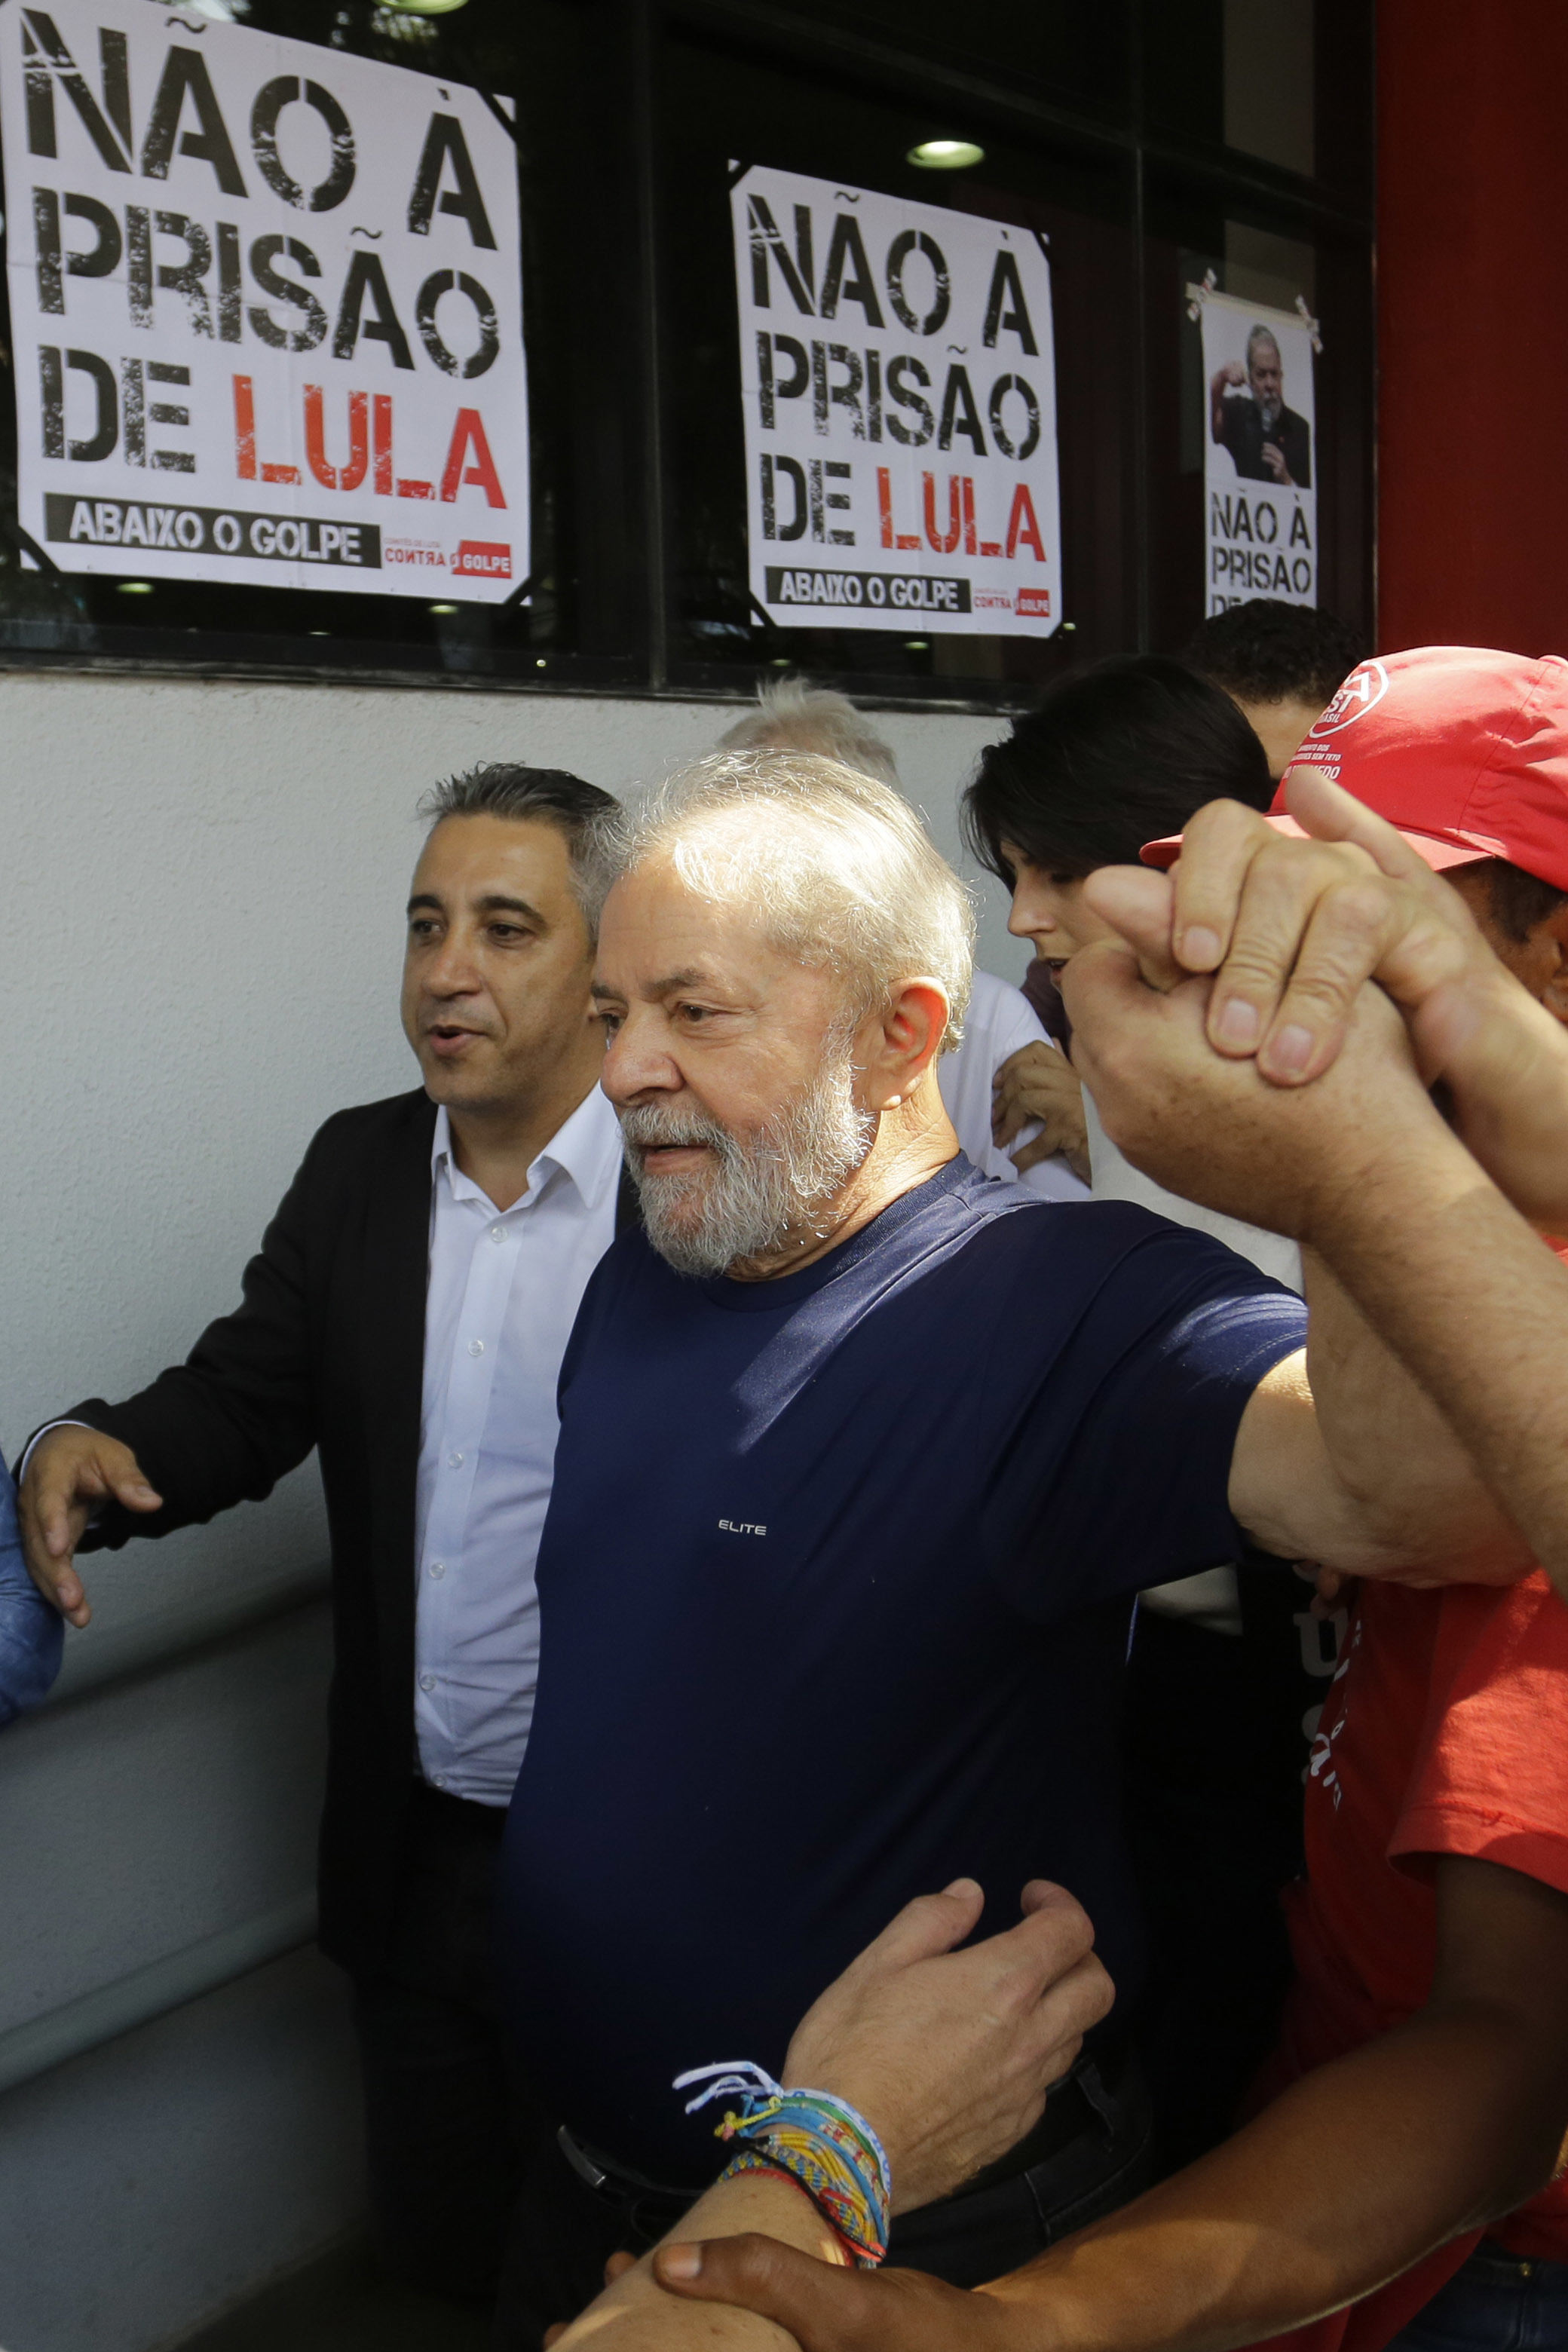 Juez del Supremo niega otro recurso contra la defensa de expresidente Lula